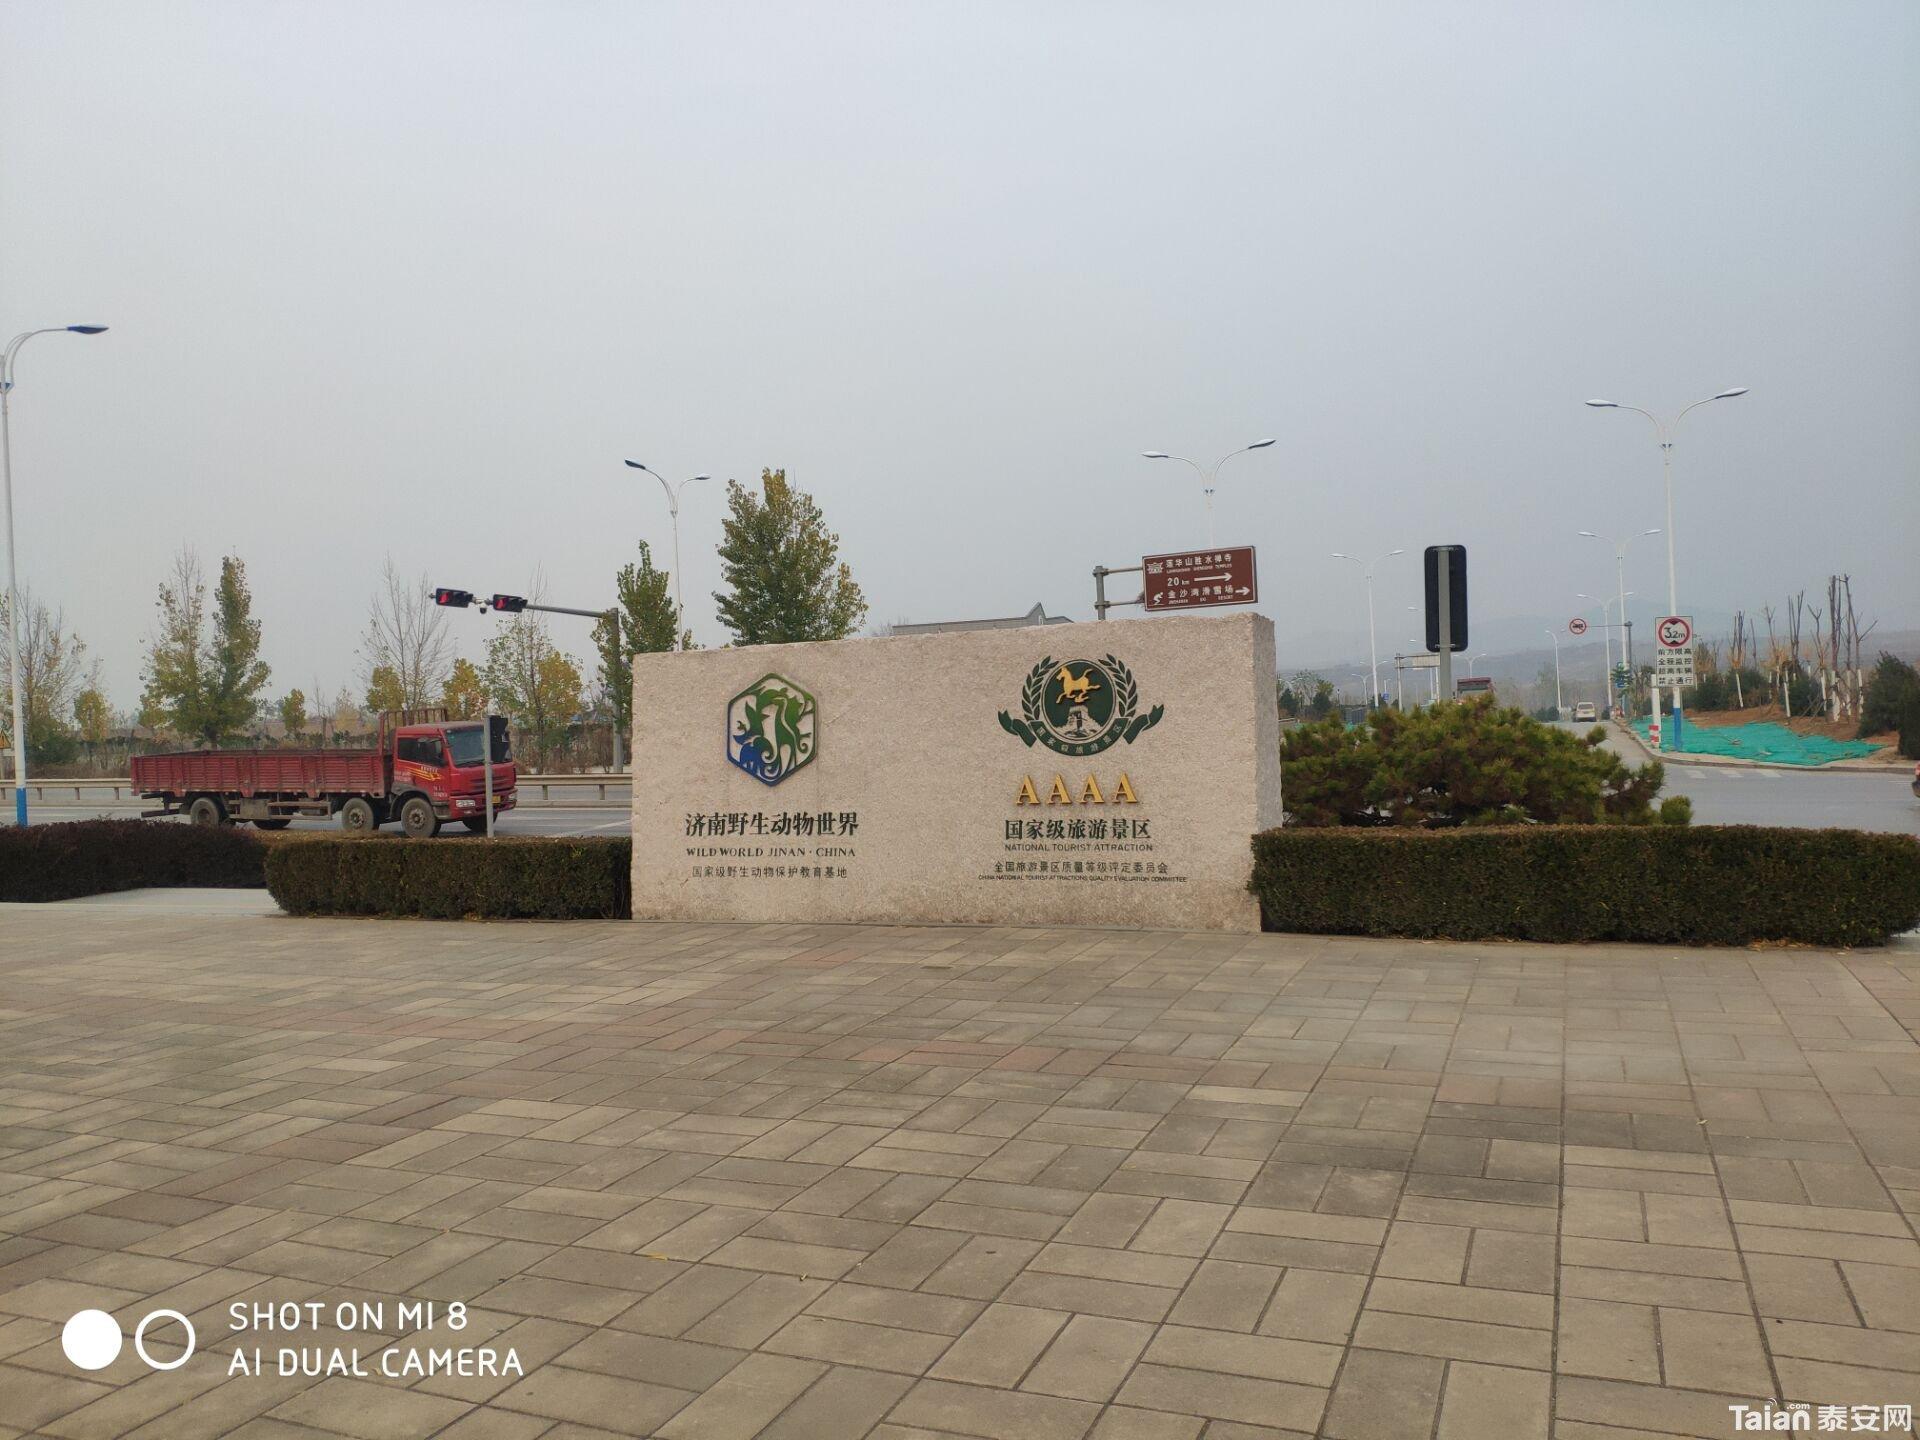 济南野生动物园 - 泰安拉呱 - 泰安论坛 - powered by